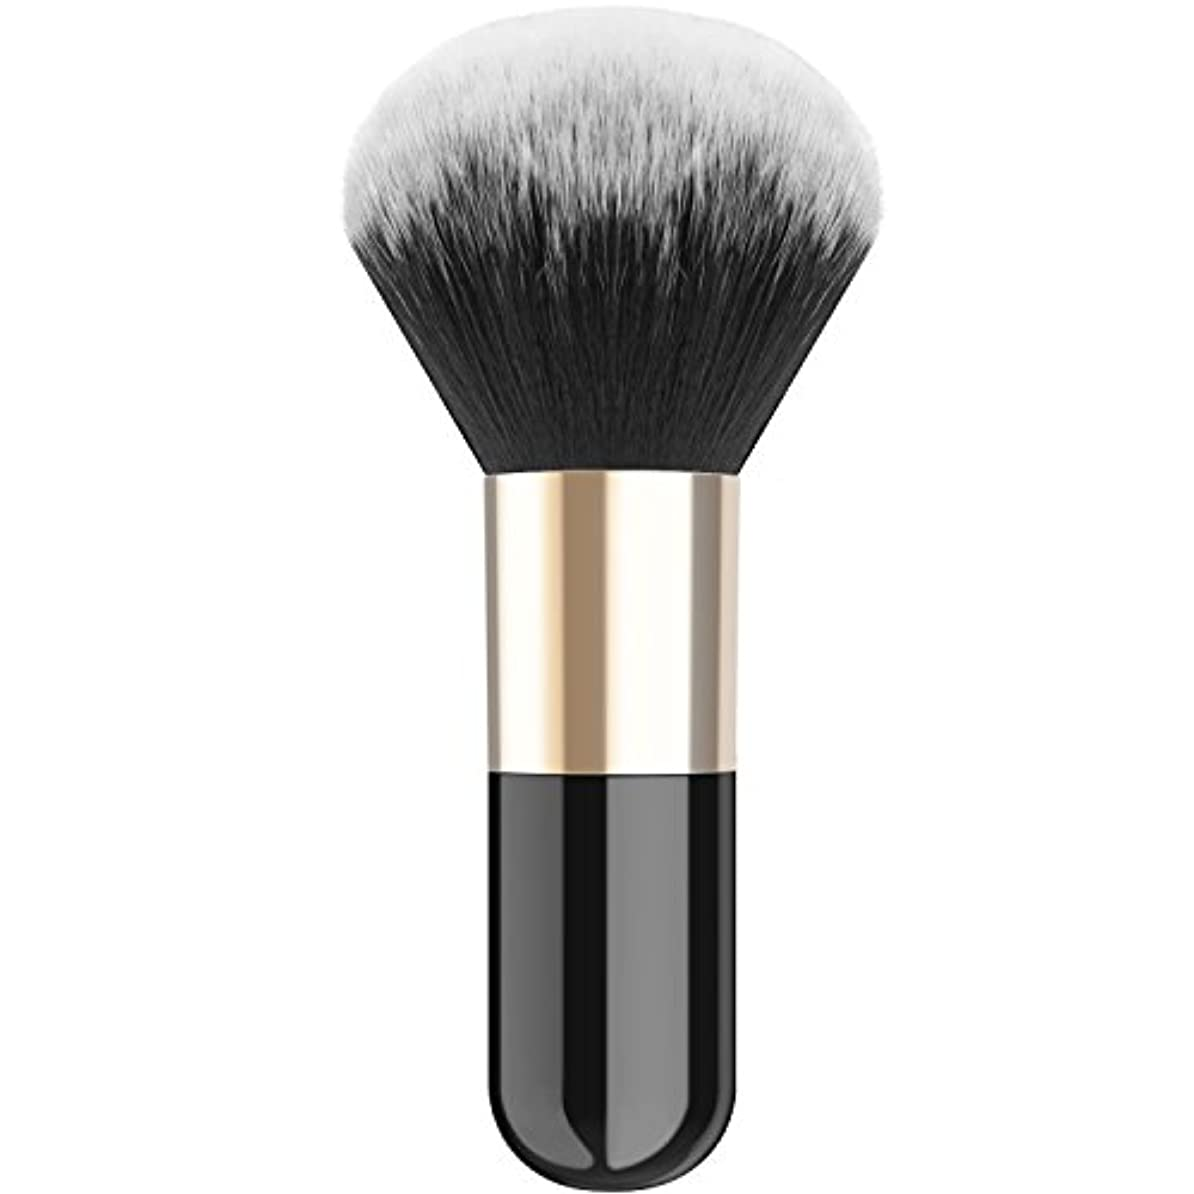 ファンデーションブラシ - Luxspire メイクブラシ 化粧筆 コスメブラシ 繊細な人工毛 毛質やわらかい 肌に優しい - Black